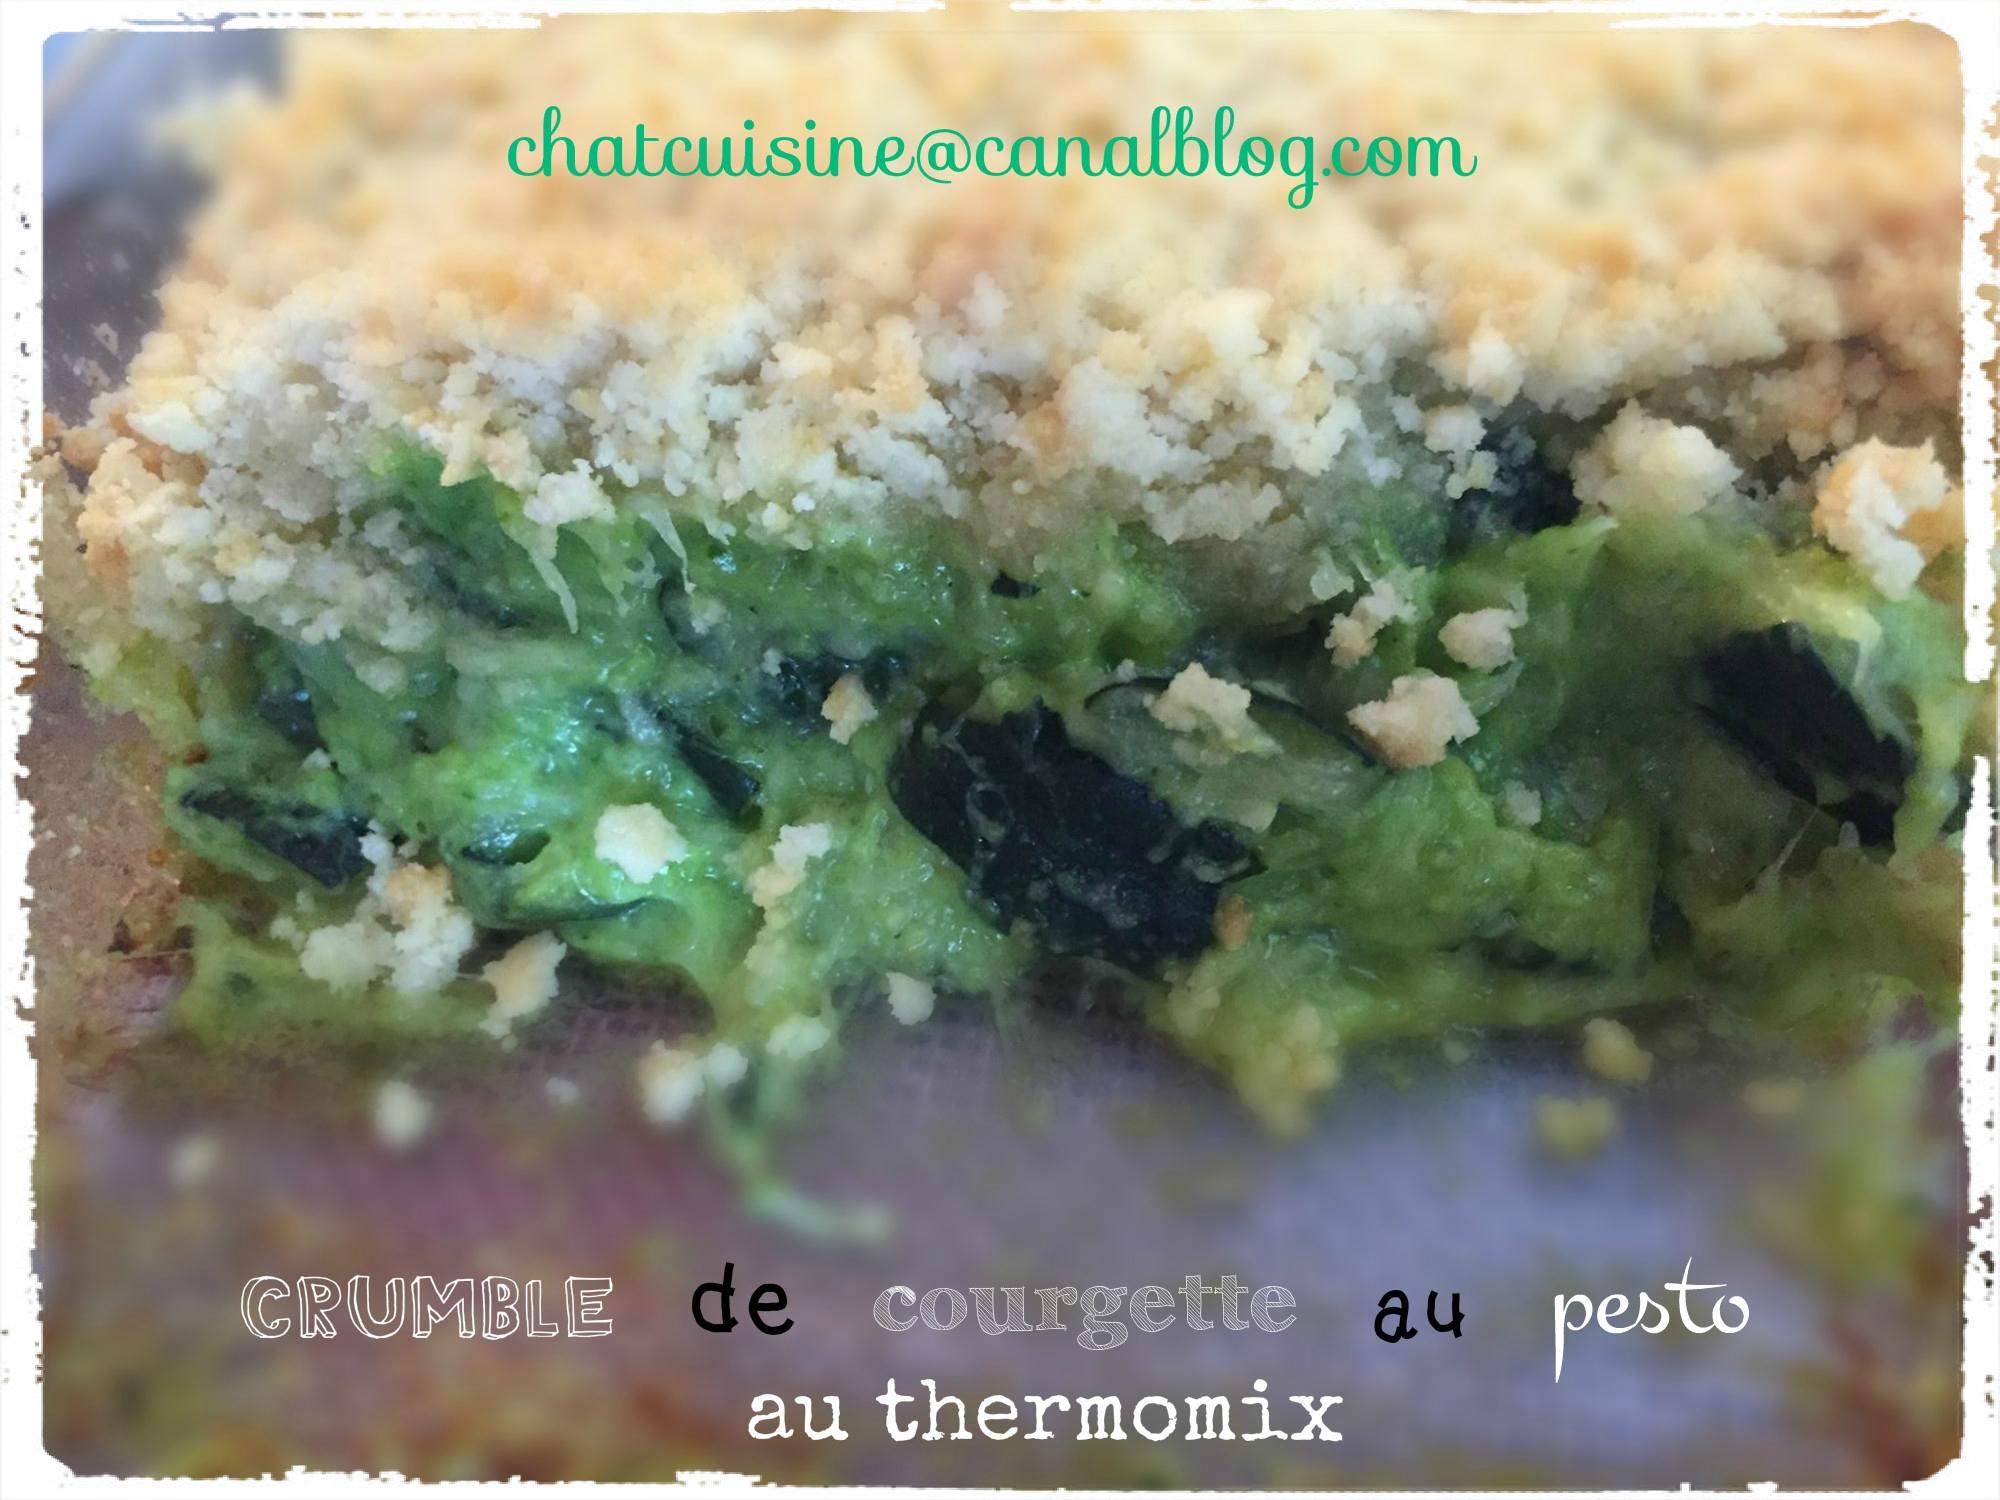 Veloute Fanes De Carottes thermomix Impressionnant Photos Crumble De Cour Te Au Pesto Au thermomix Chatcuisine